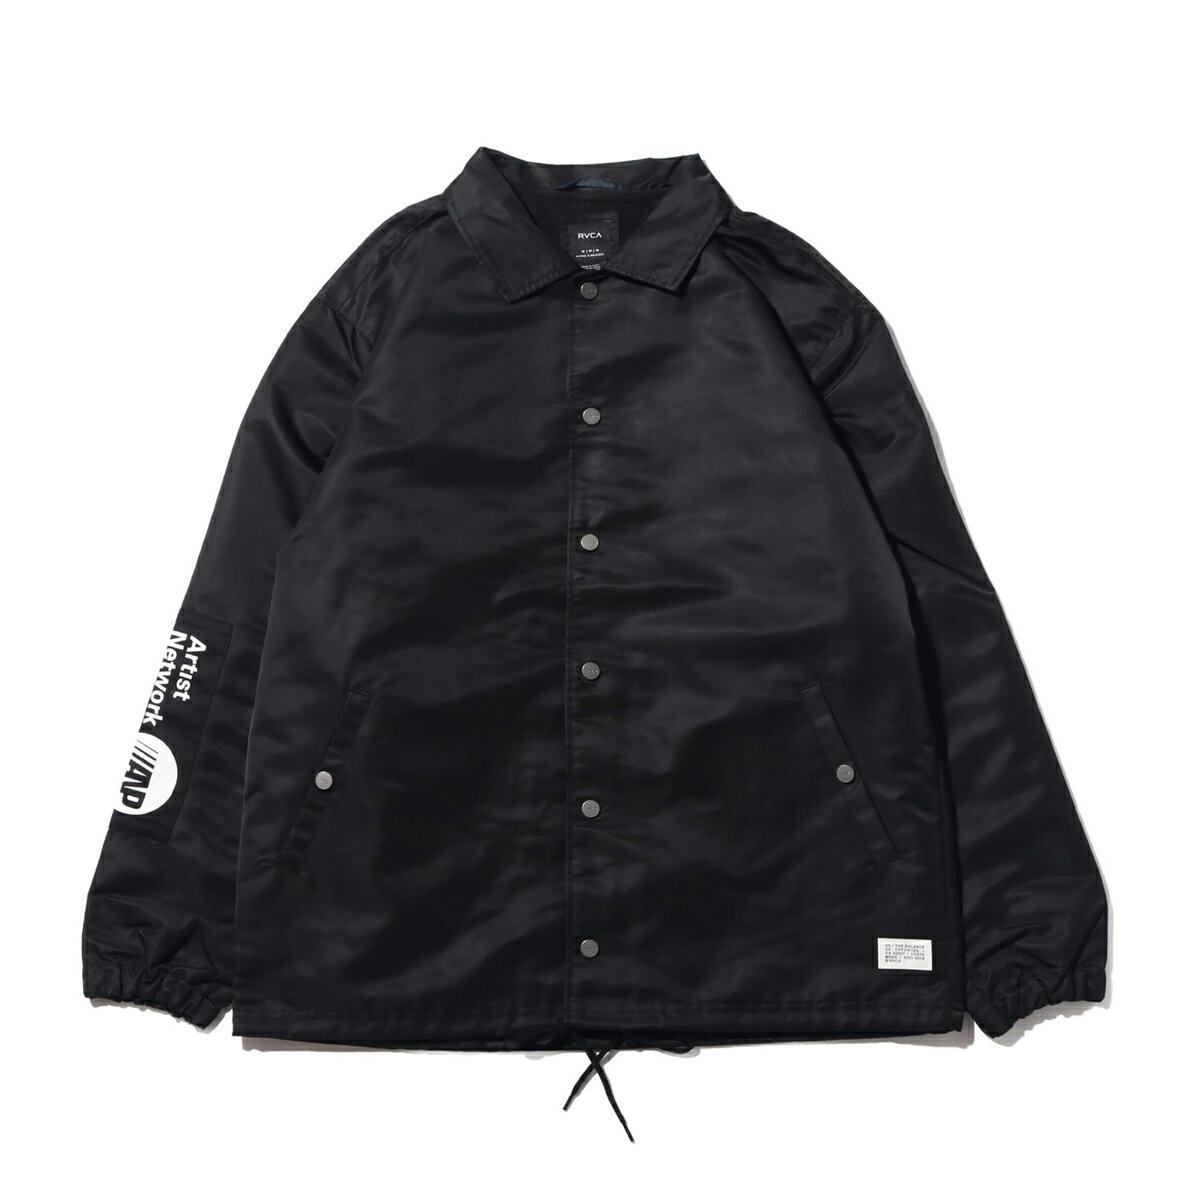 メンズファッション, コート・ジャケット RVCA PATCH JACKET(BLACK)( )19FA-I